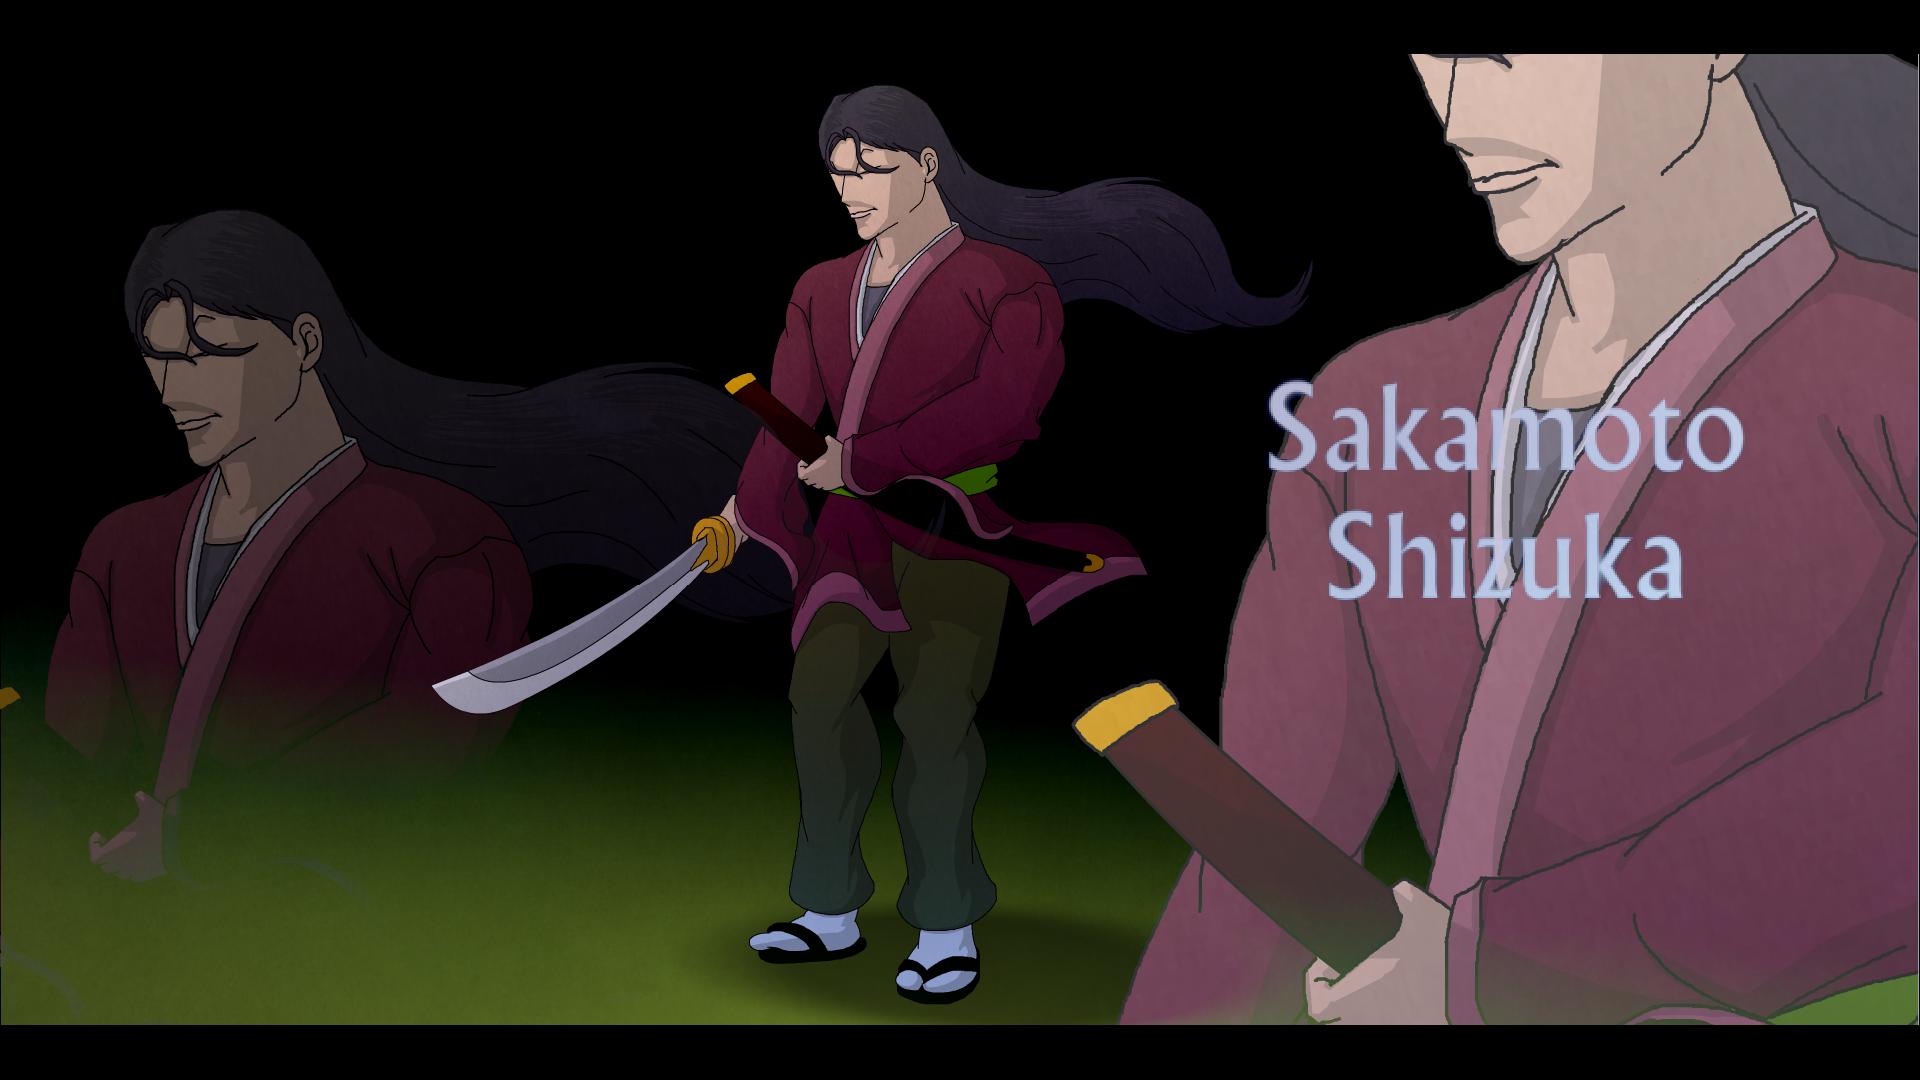 Sakamoto Shizuka